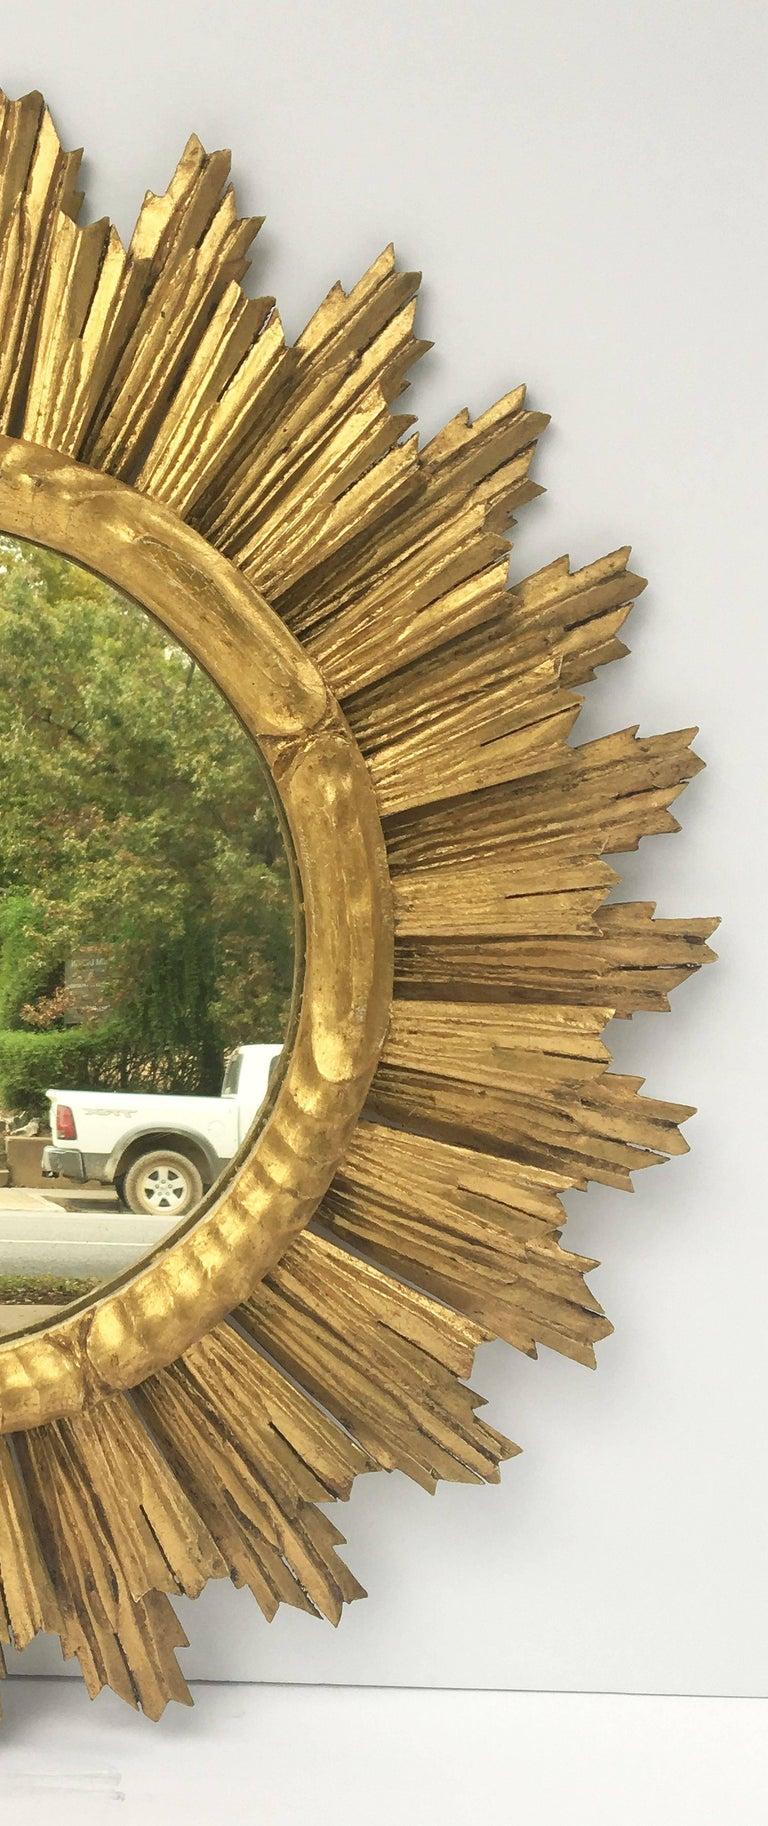 French Gilt Sunburst or Starburst Mirror (Diameter 29) For Sale 3